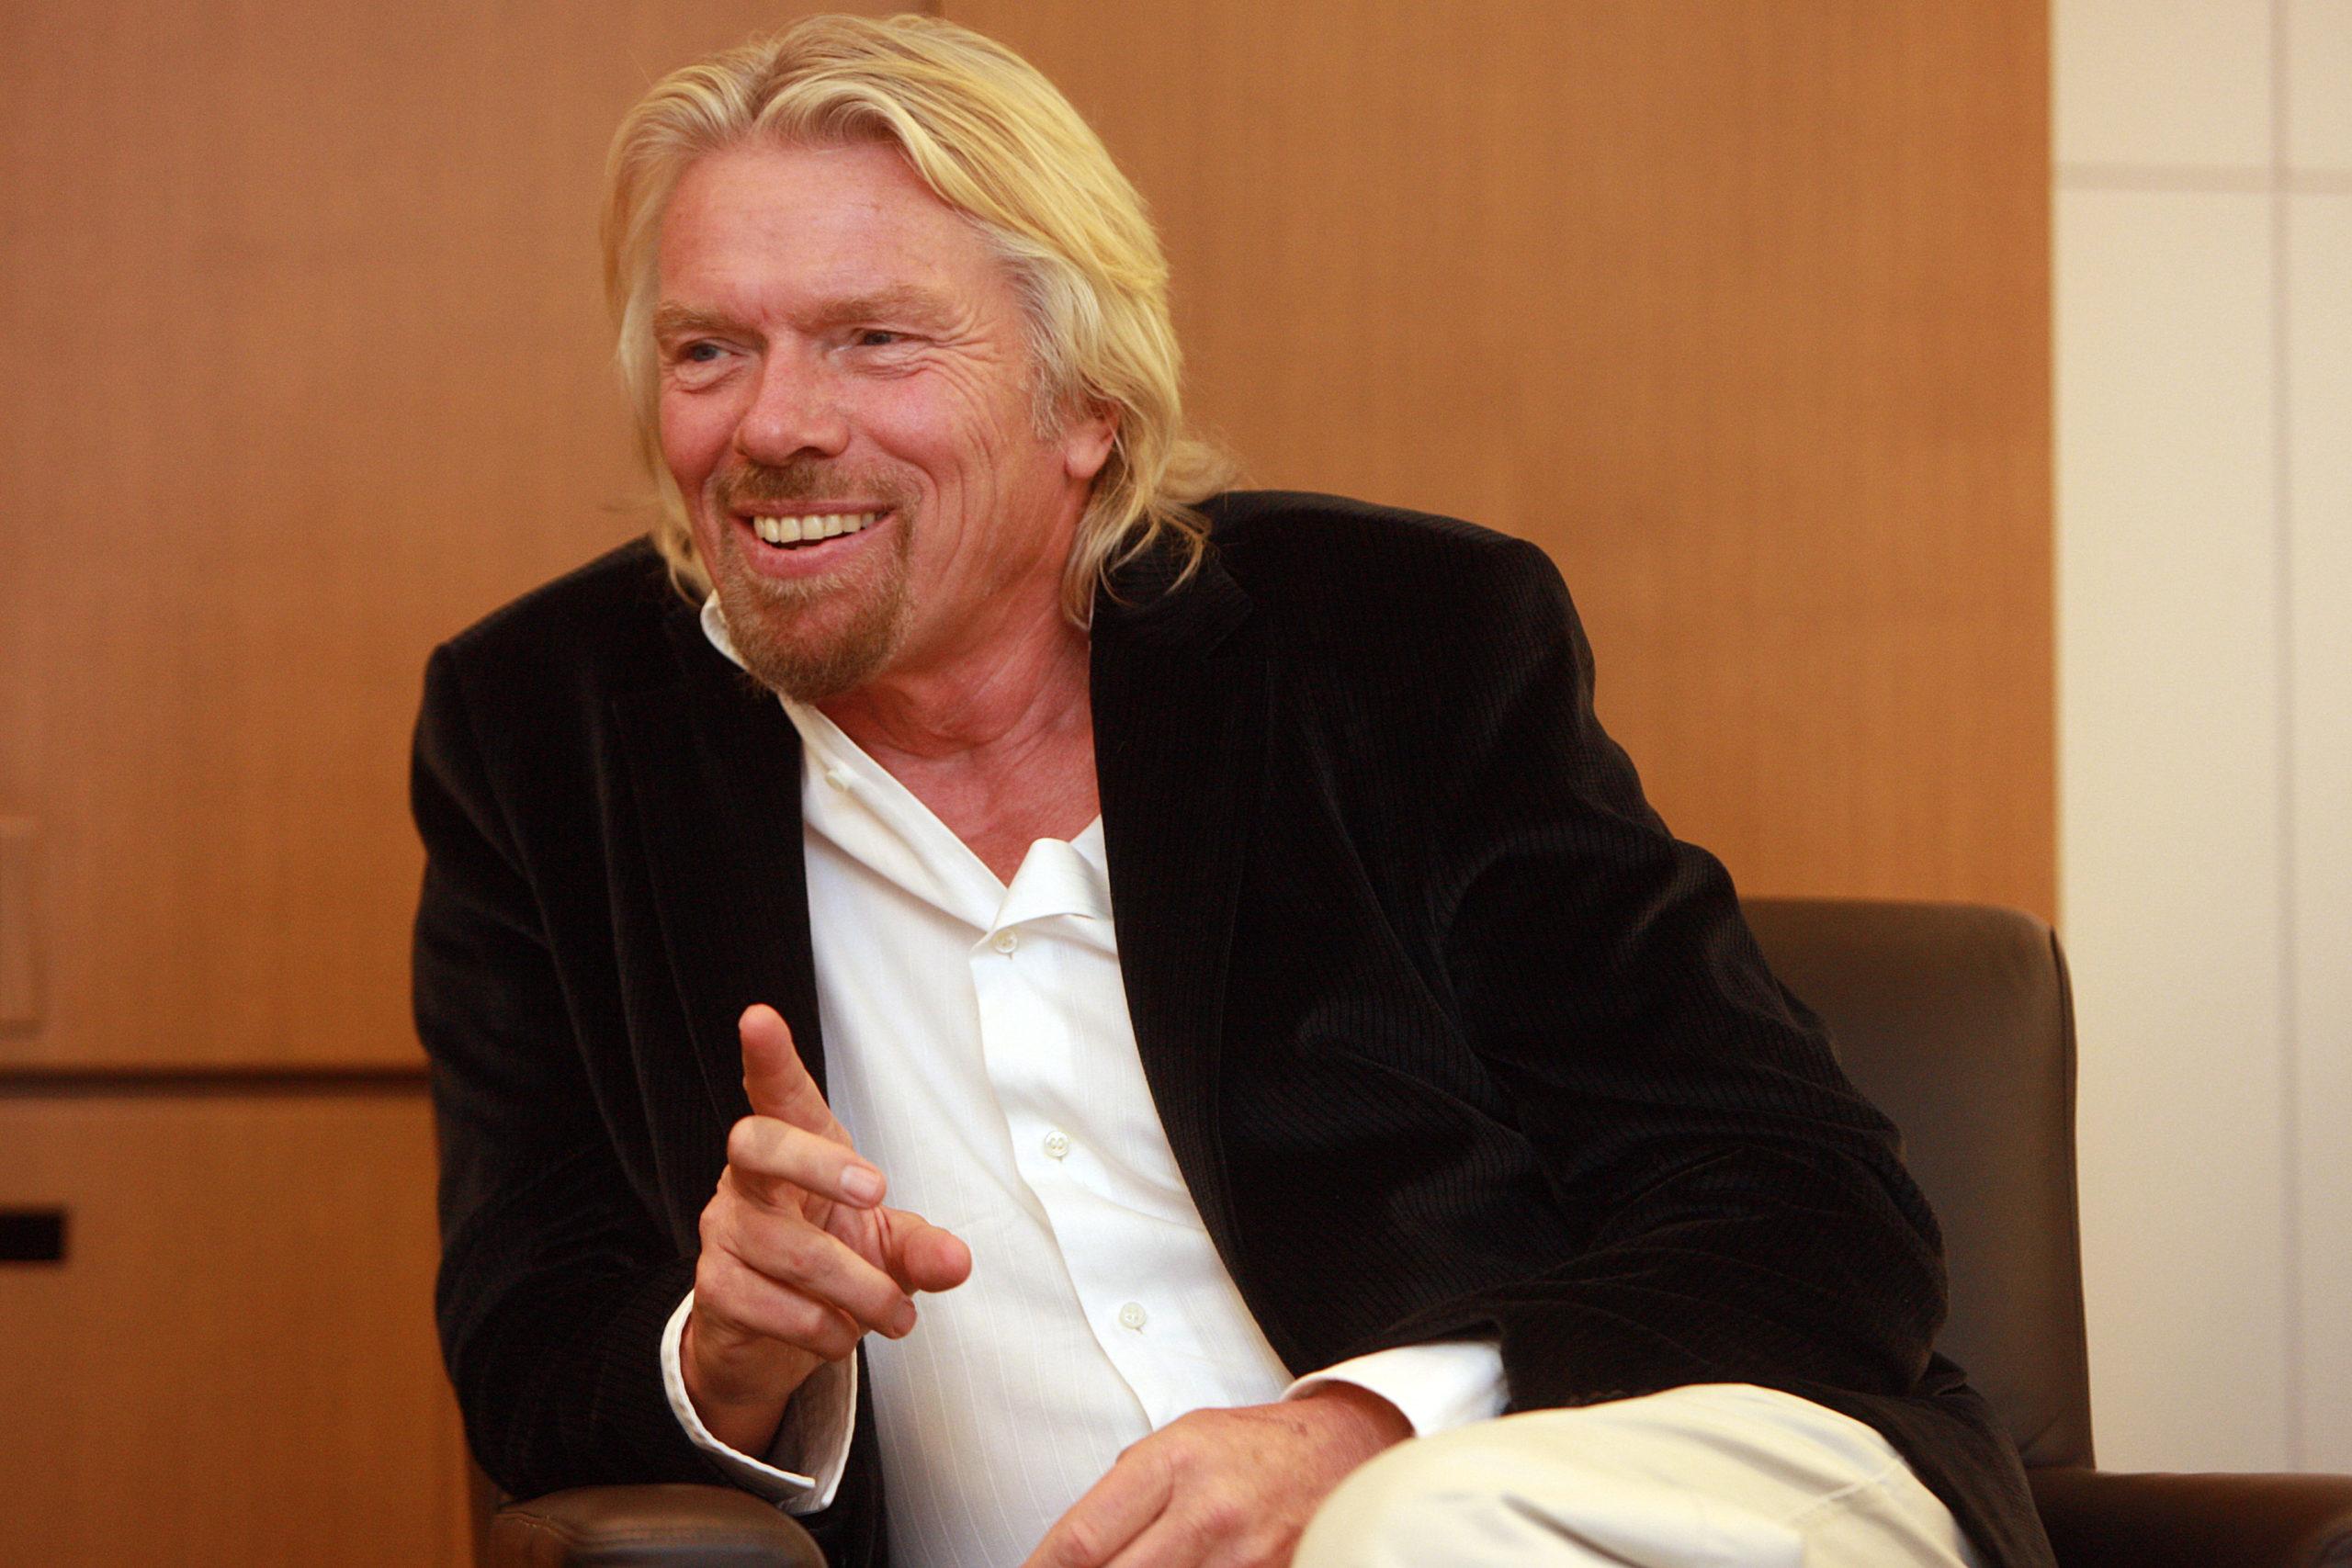 Richard Branson startet Investment-Offensive